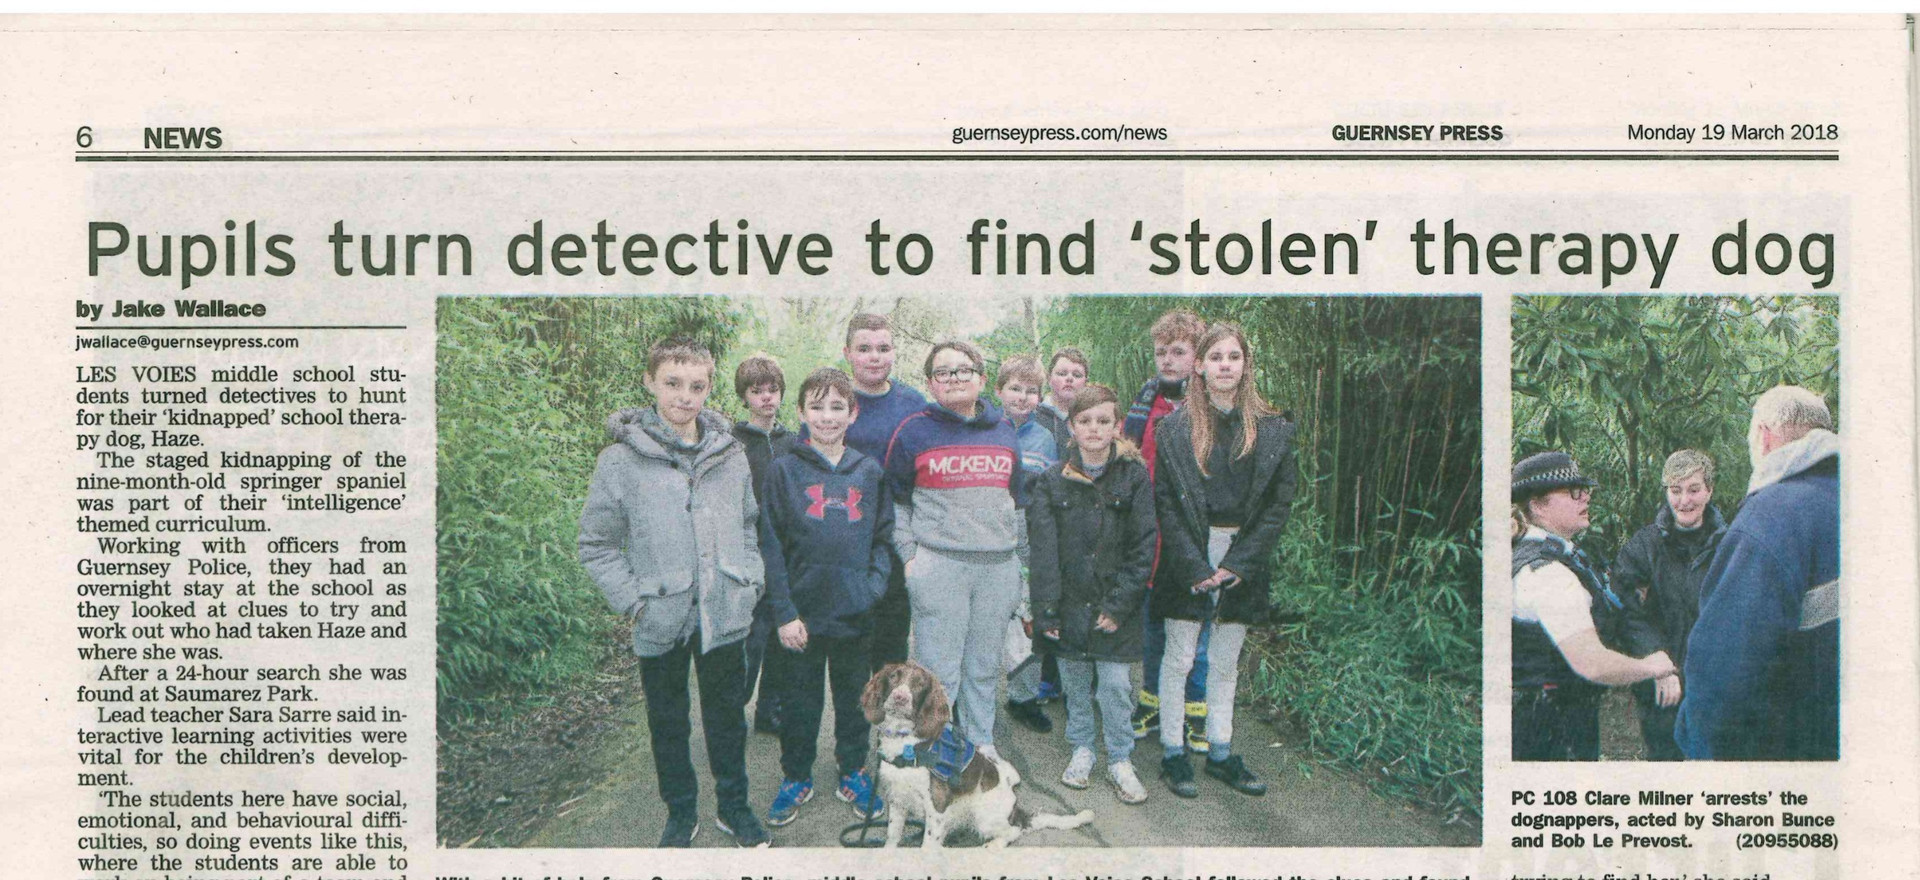 Les Voies Students turn Detective